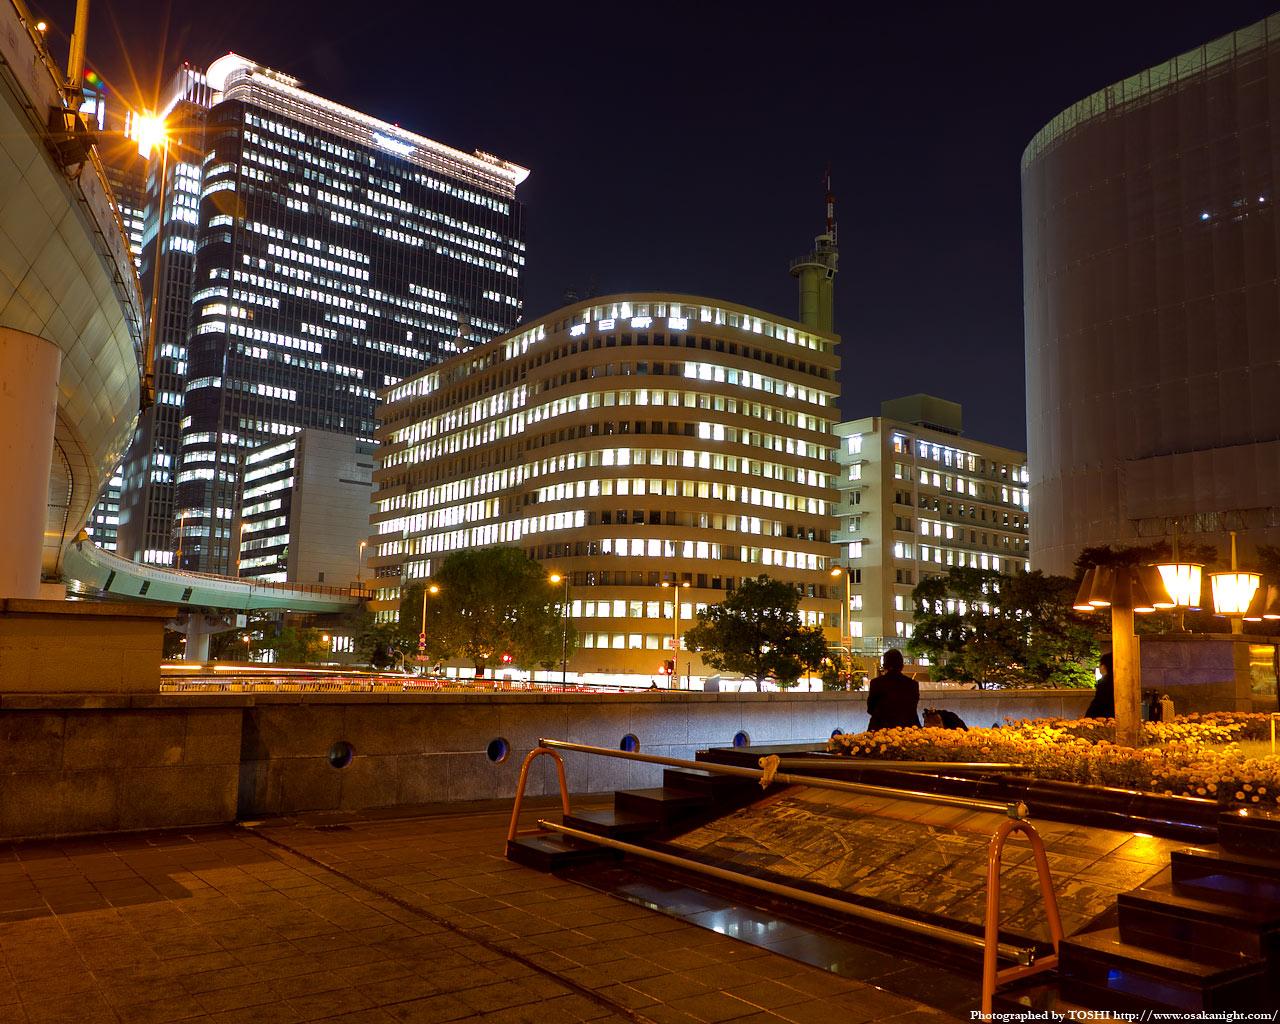 錦橋と朝日新聞ビル夜景